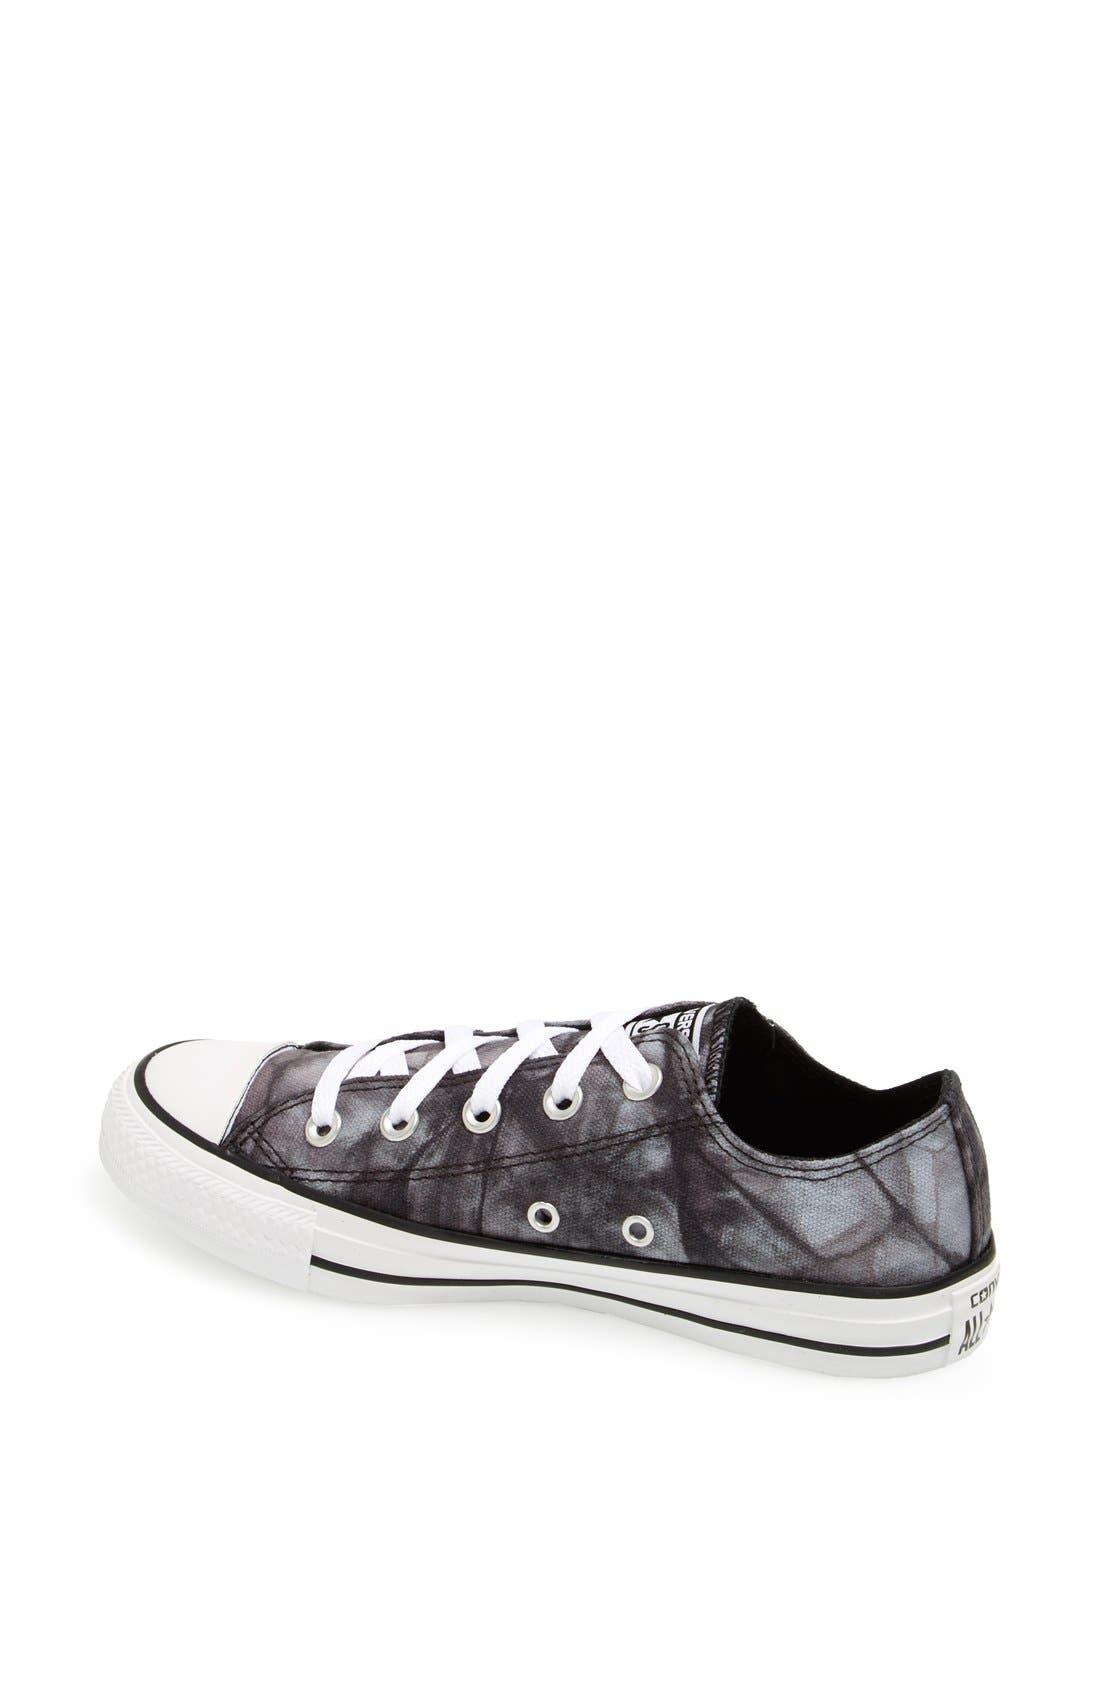 Alternate Image 2  - Converse Chuck Taylor® All Star® 'Ox' Tie Dye Low Top Sneaker (Women)